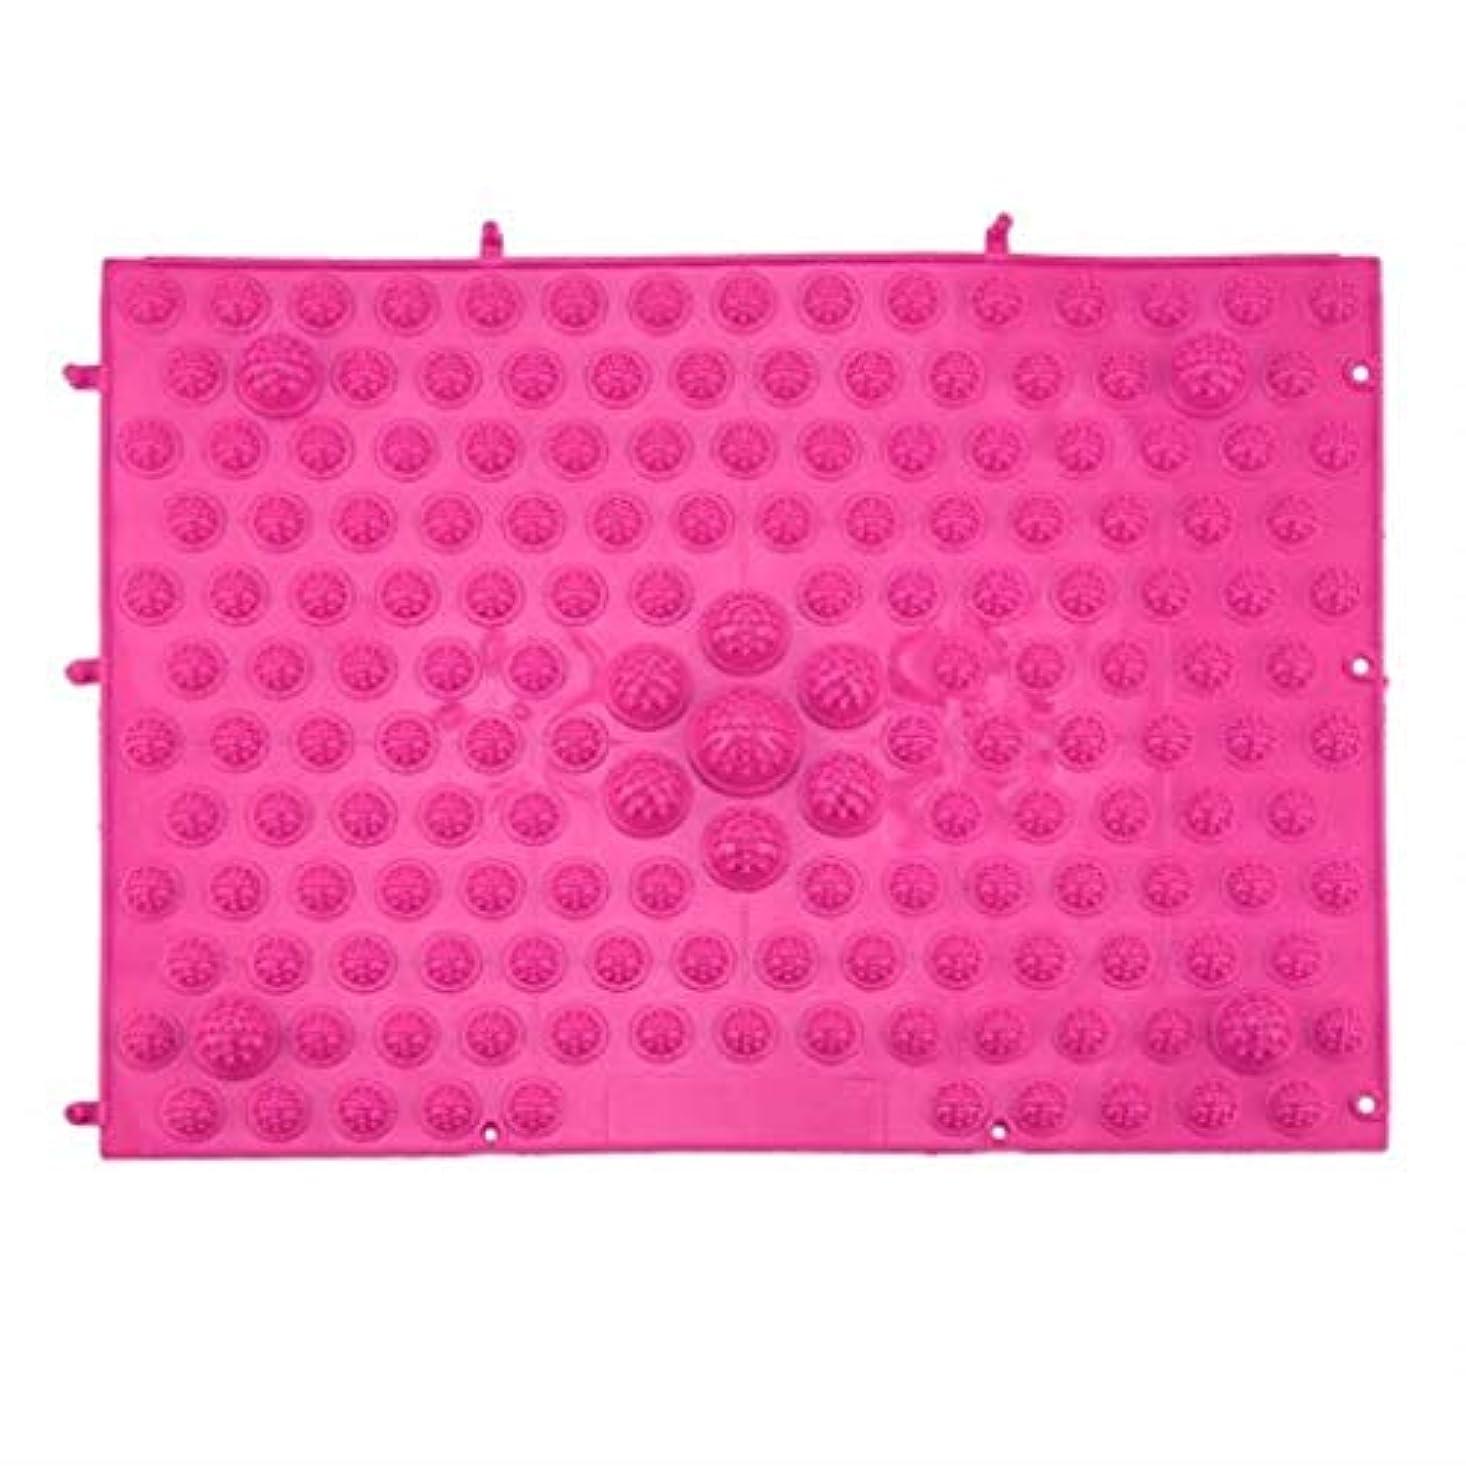 専門化する見通し記念日マッサージクッション、指圧フットパッド、リフレクソロジーウォーキングマッサージパッド、痛みを和らげ、筋肉をリラックス37x27.5cm (Color : Rose Red)